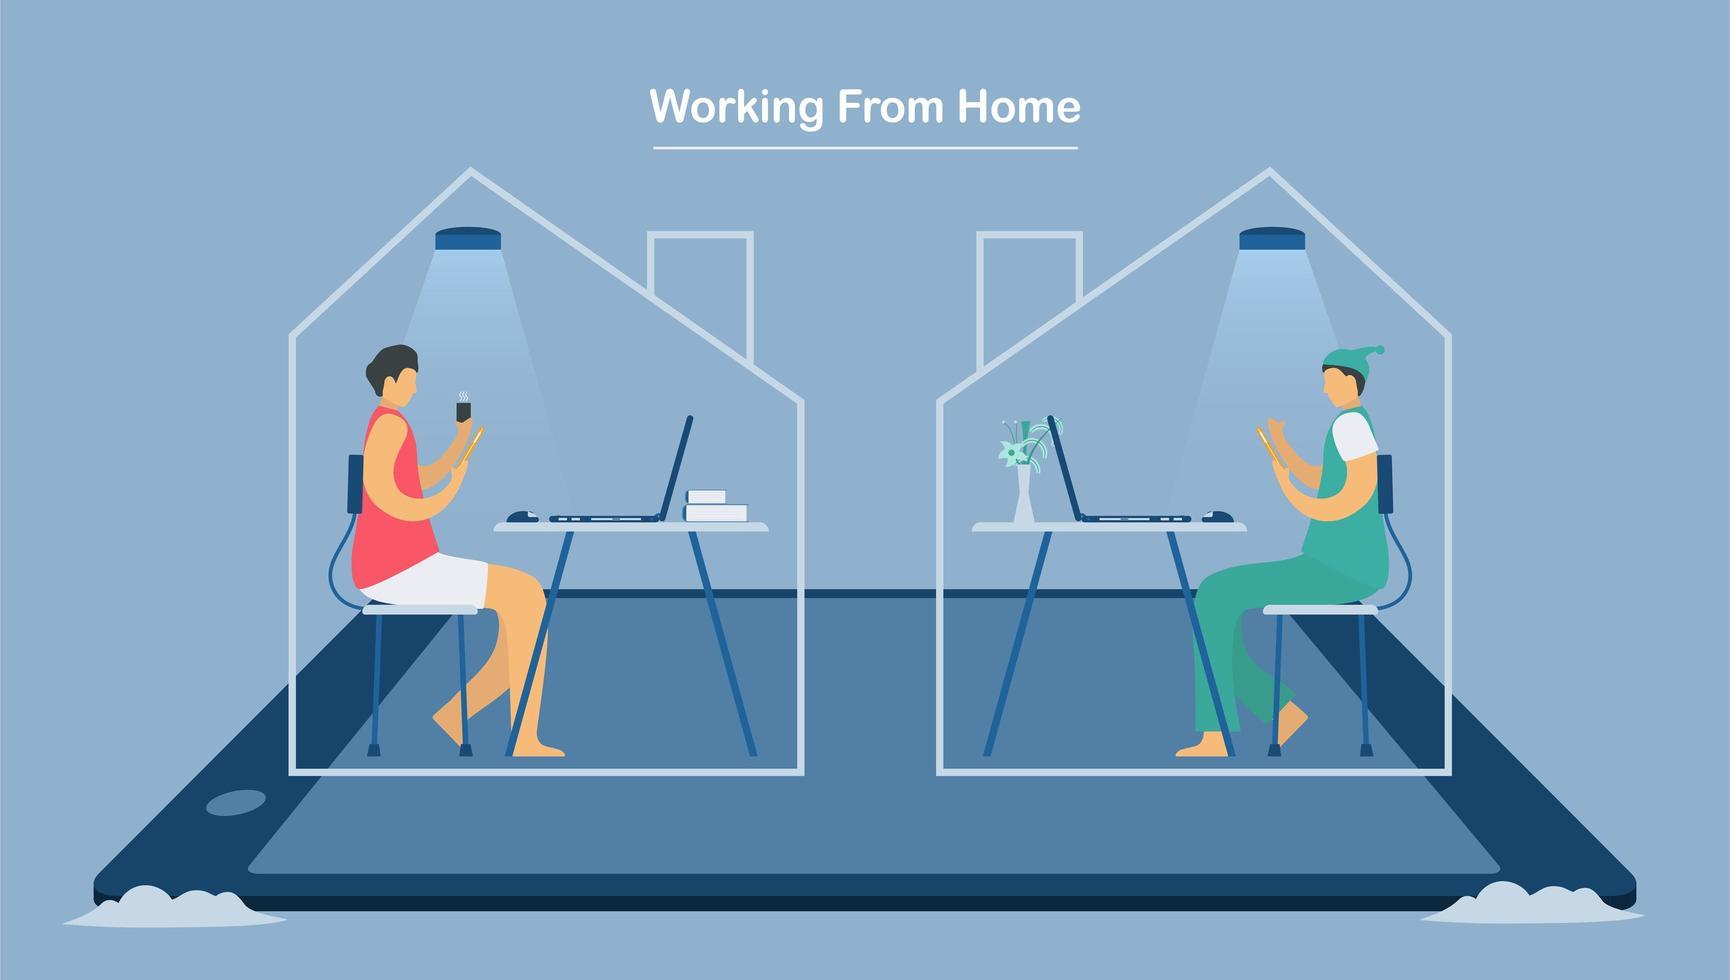 twee werknemers die thuis werken om het nieuwe coronavirus te beschermen vector